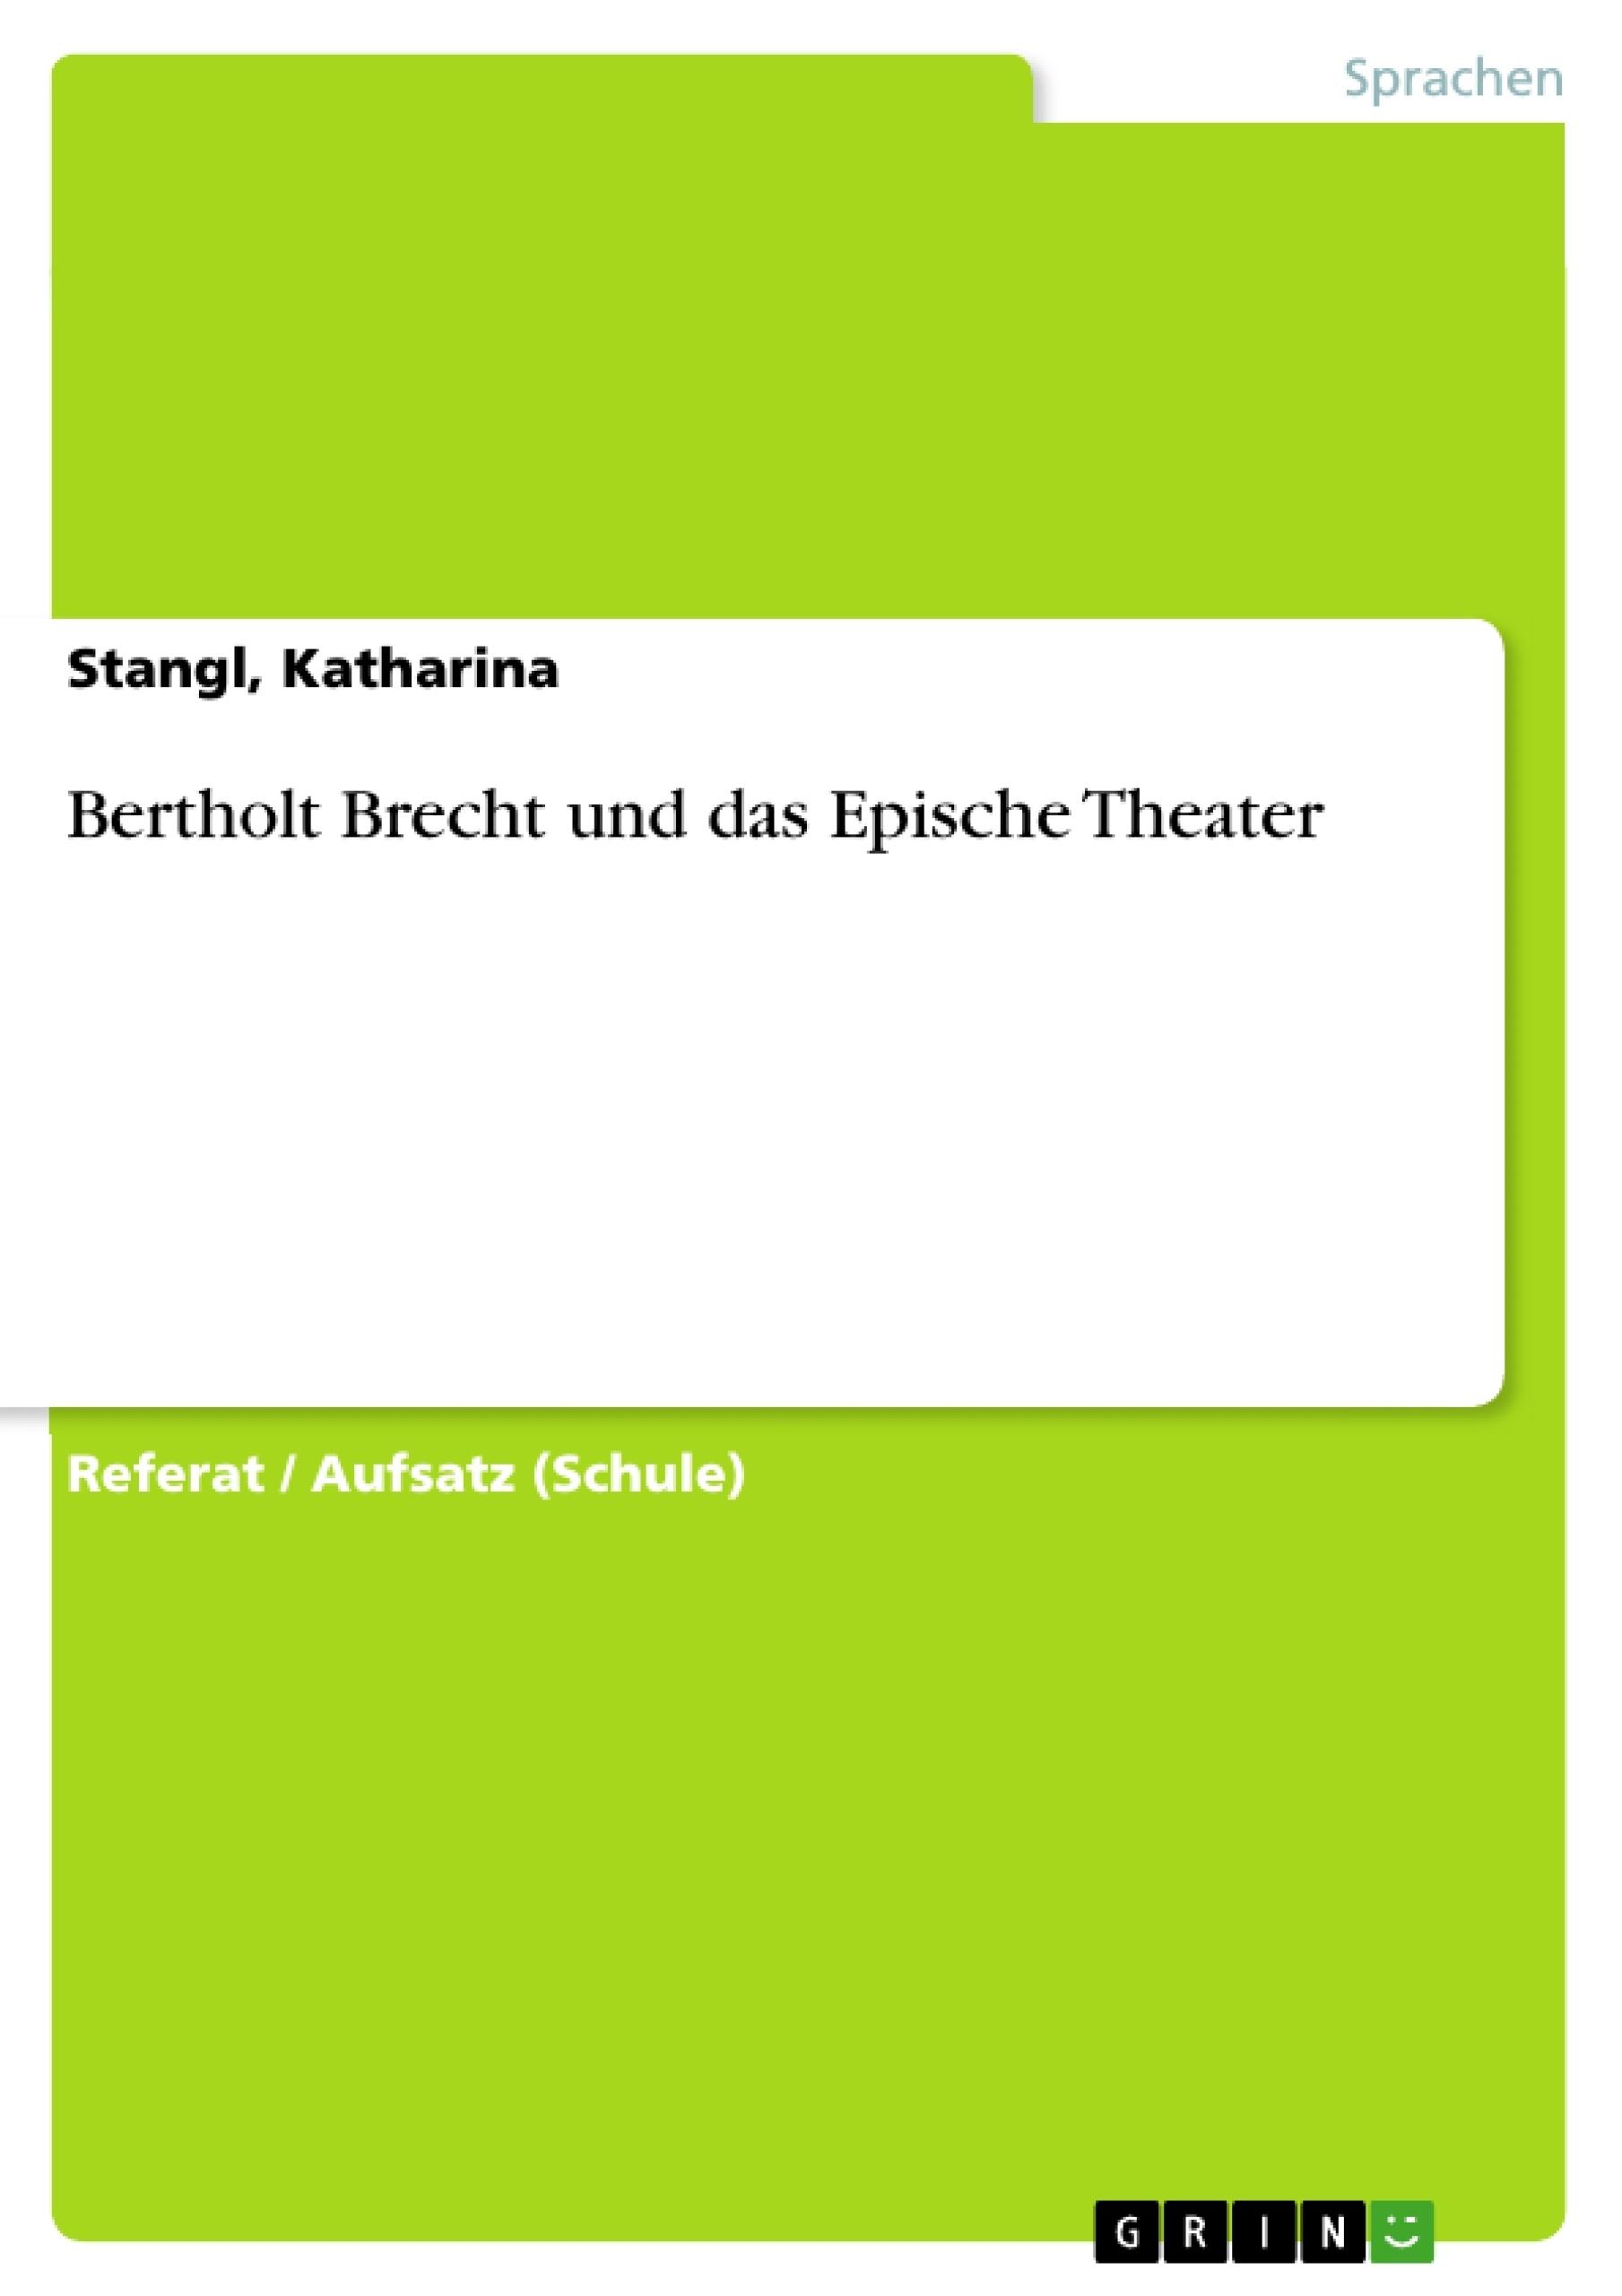 Titel: Bertholt Brecht und das Epische Theater